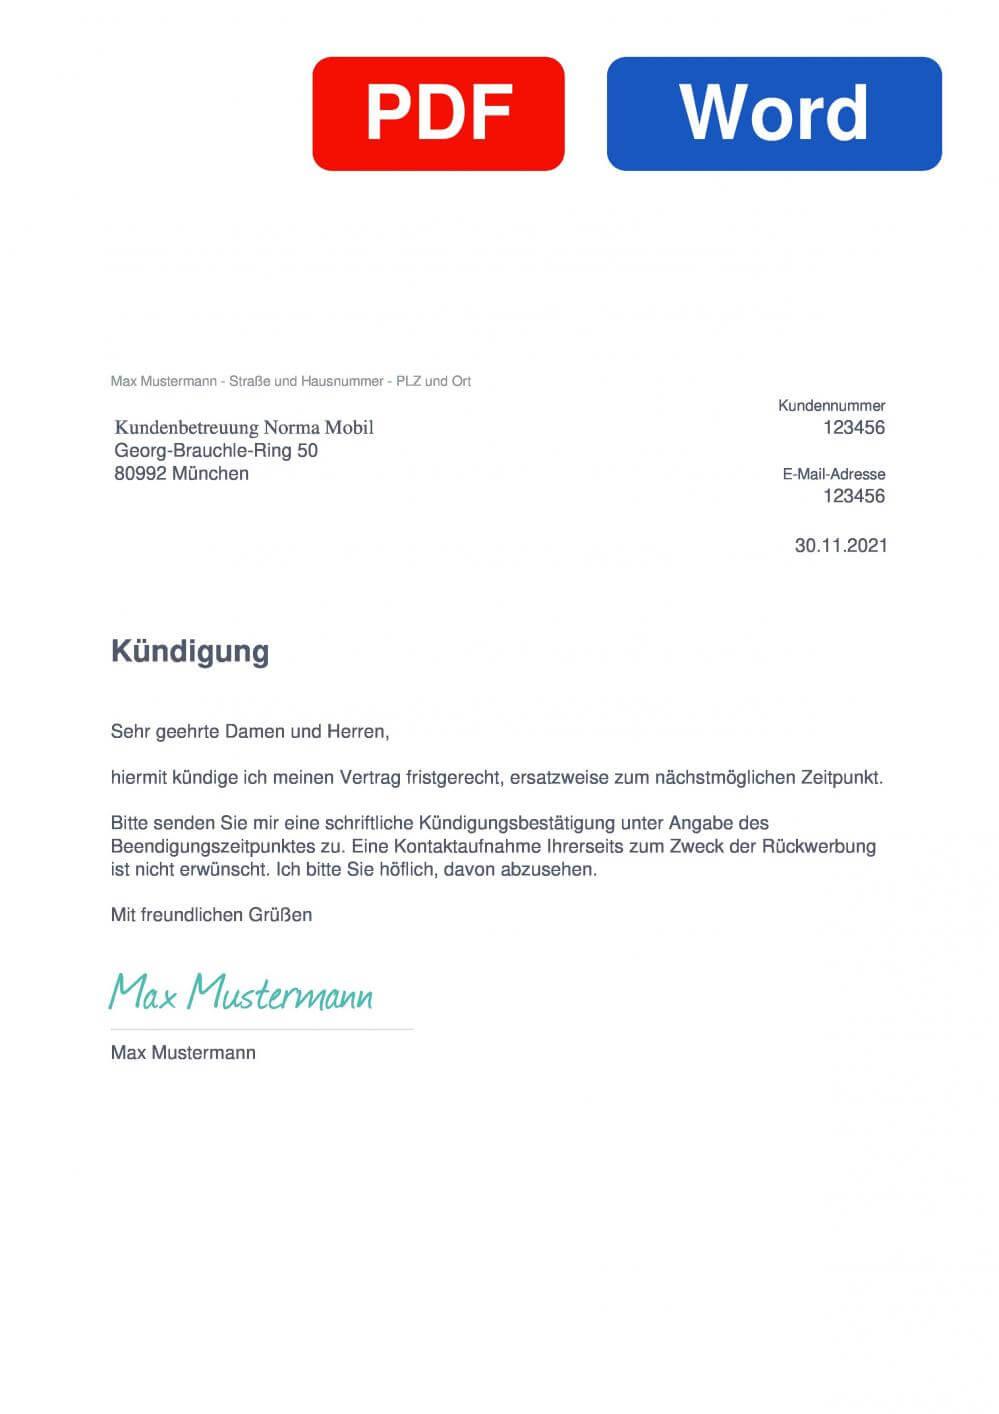 Norma Mobil Muster Vorlage für Kündigungsschreiben